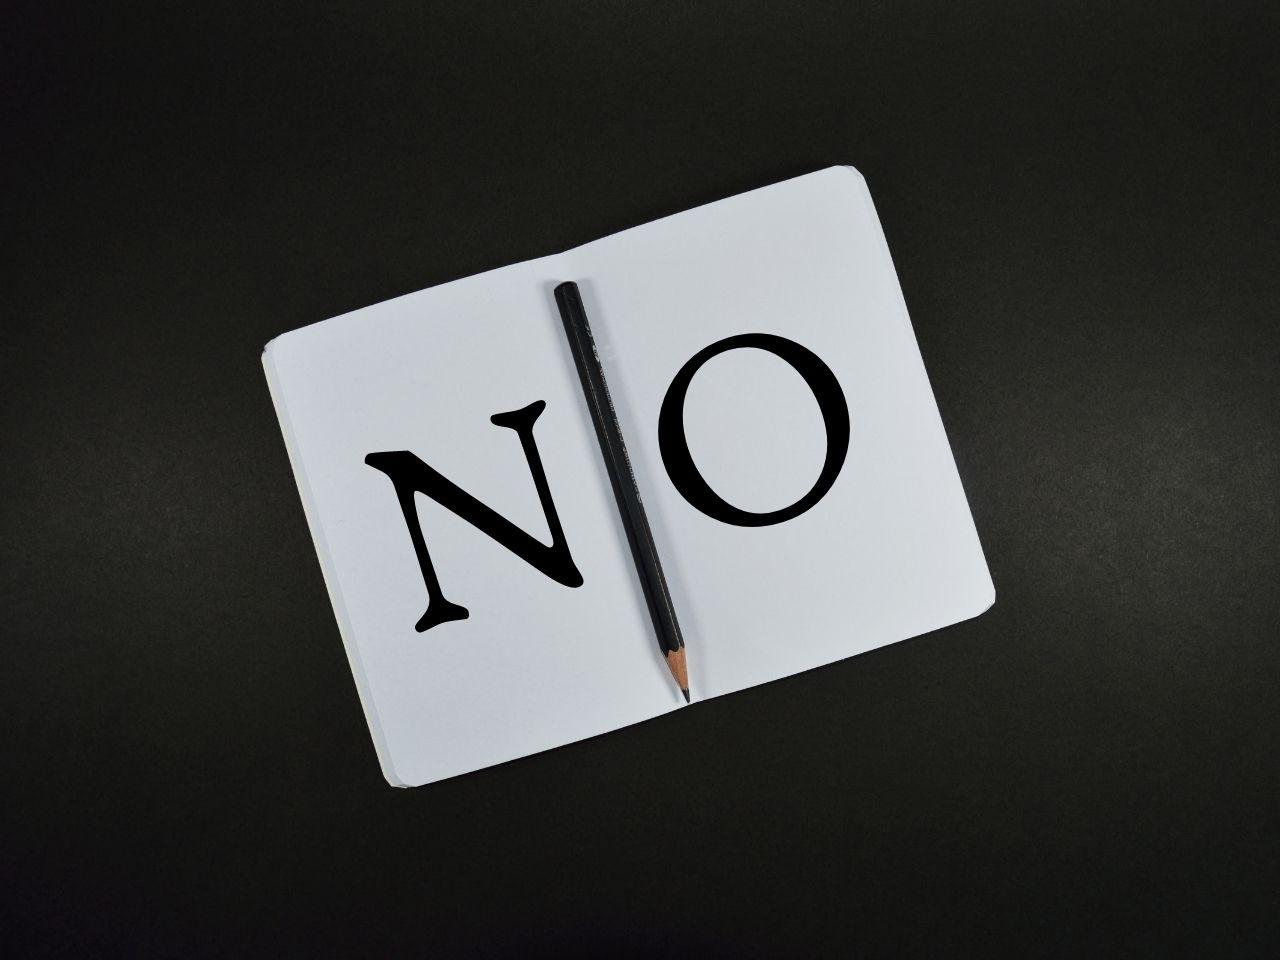 NOと書かれたカードと鉛筆